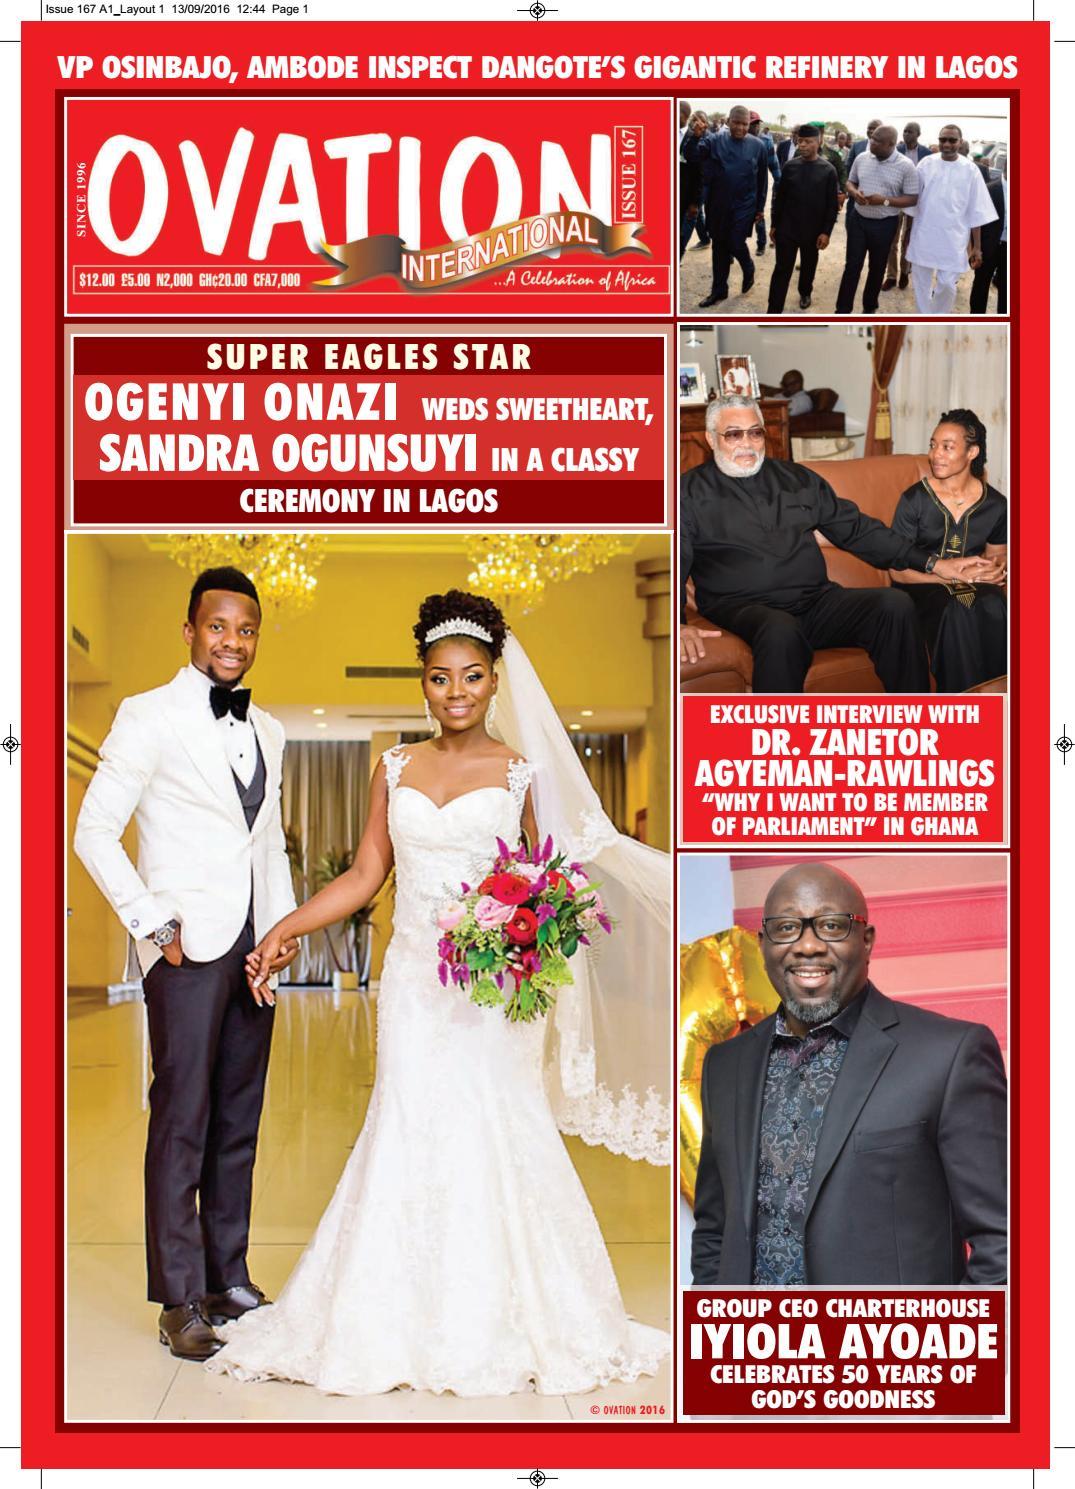 Damola kasumu wedding